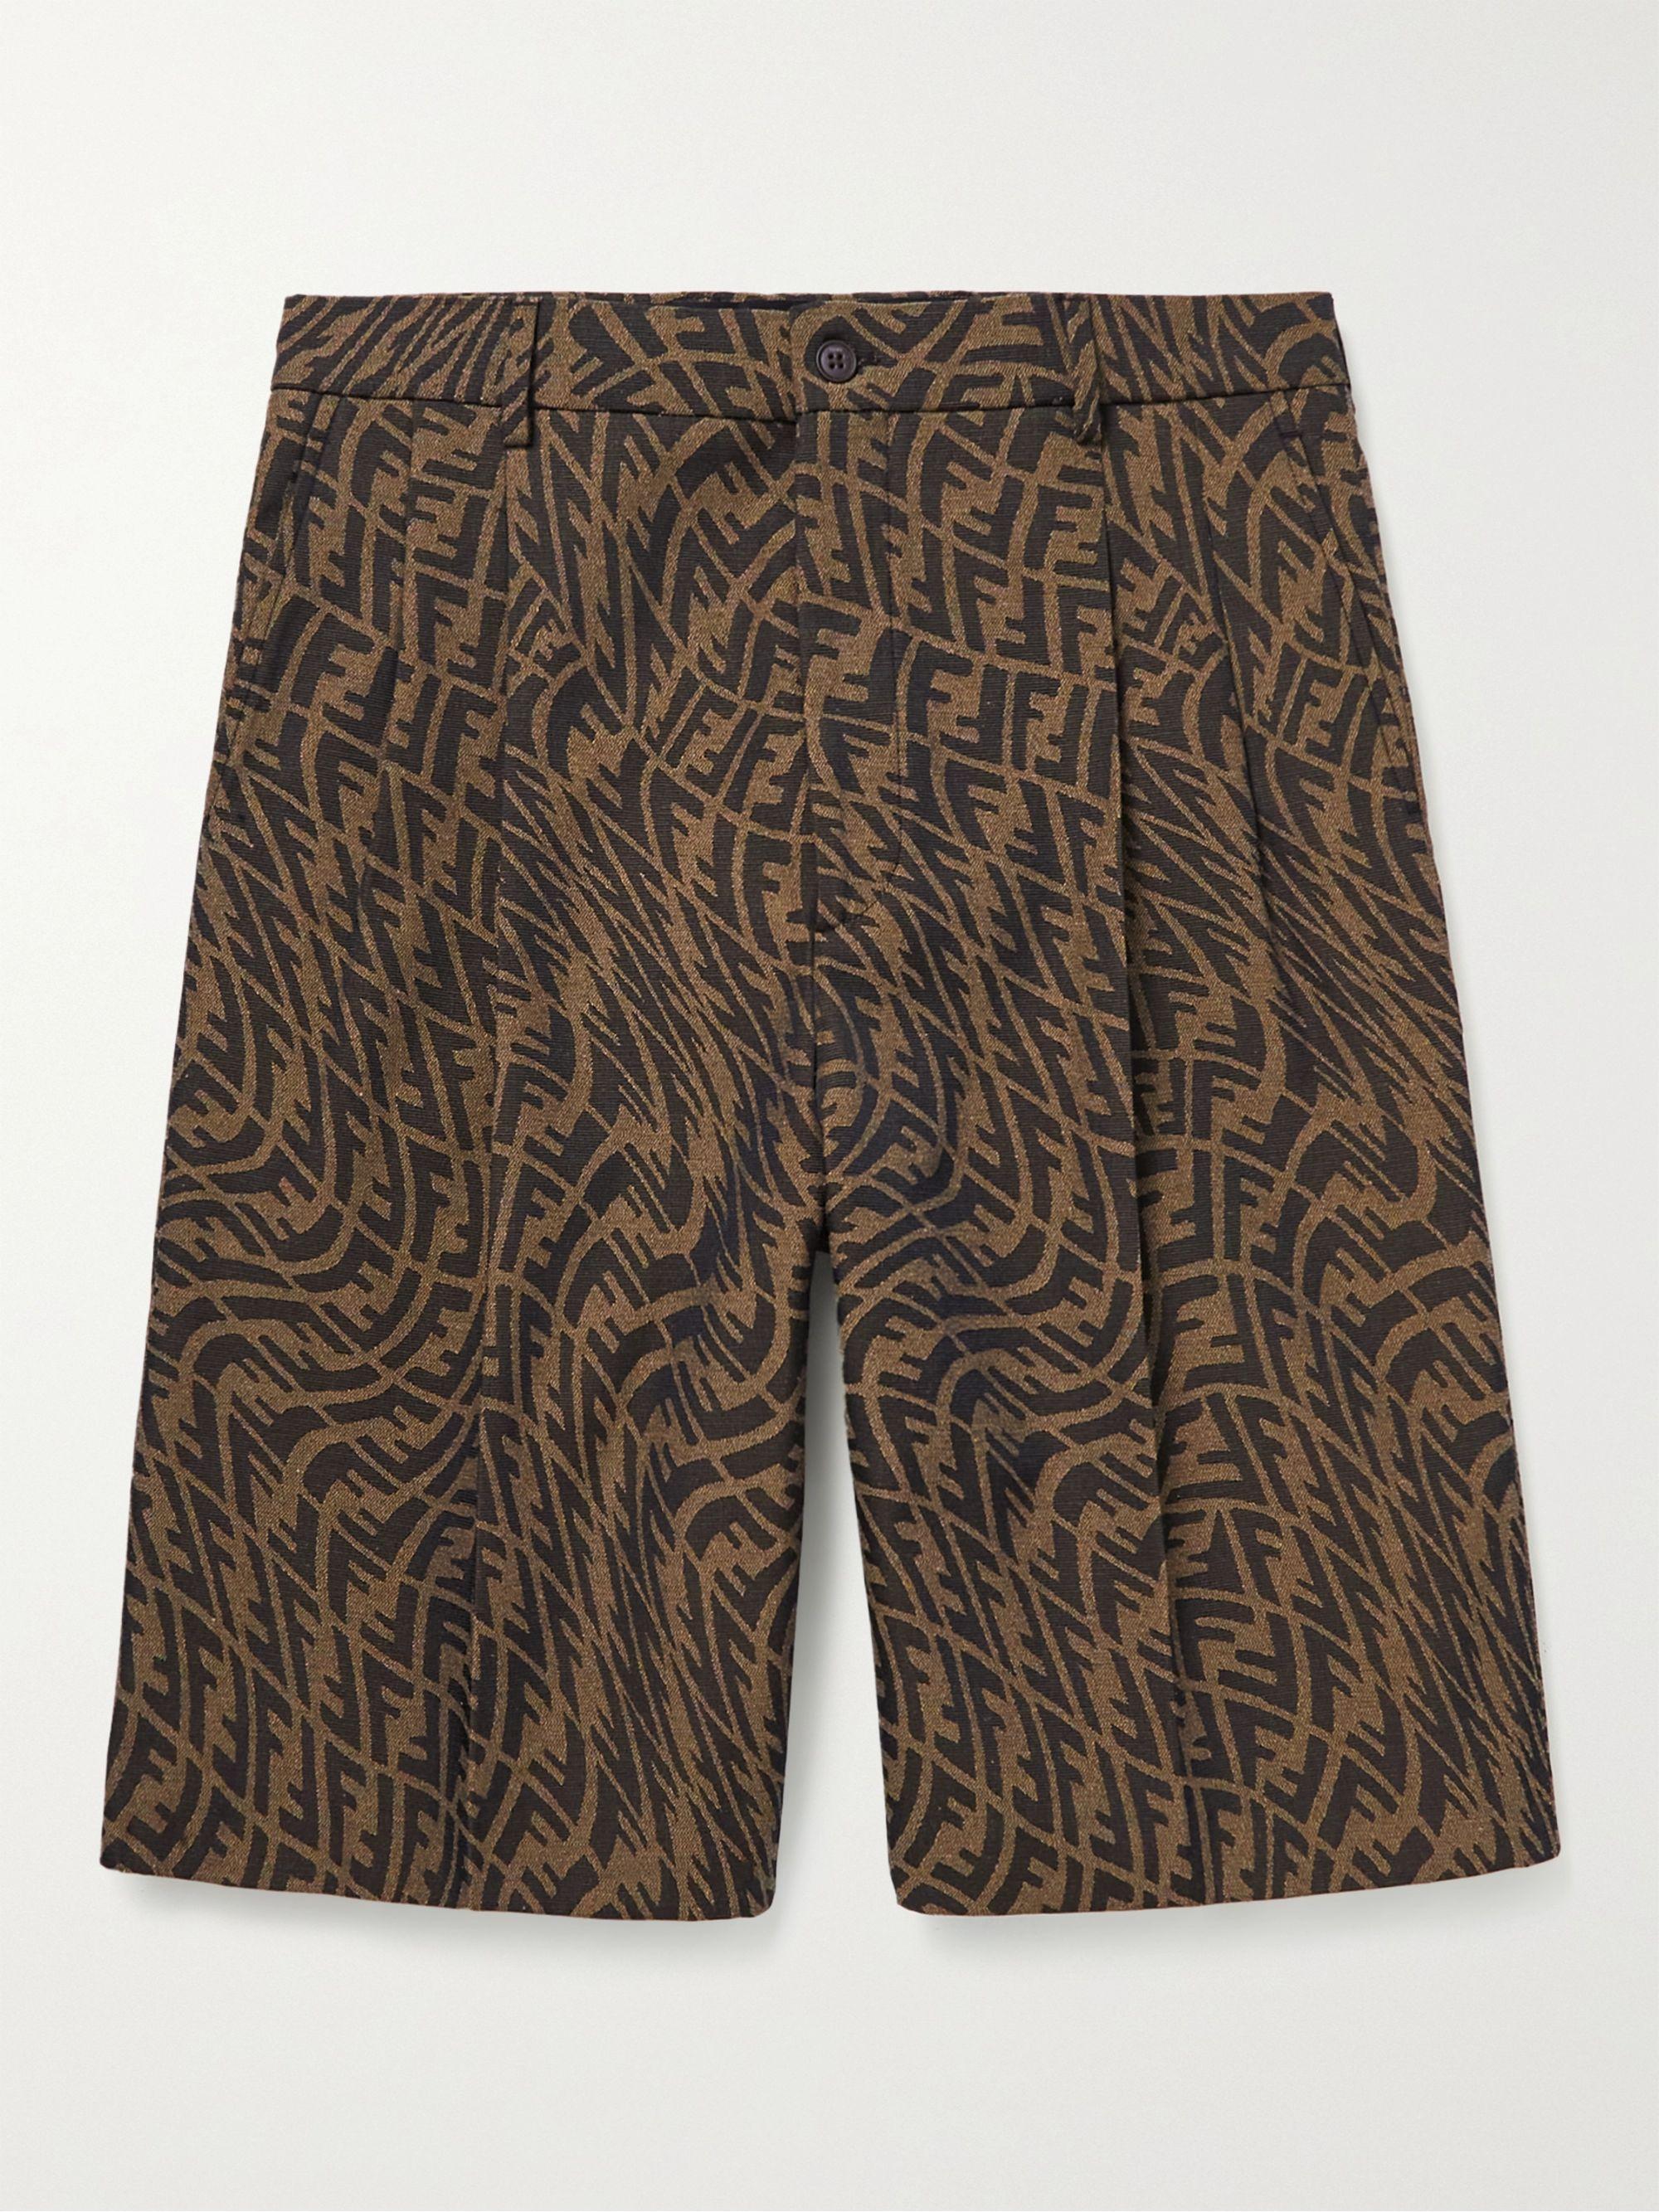 FENDI Pleated Logo-Jacquard Canvas Shorts